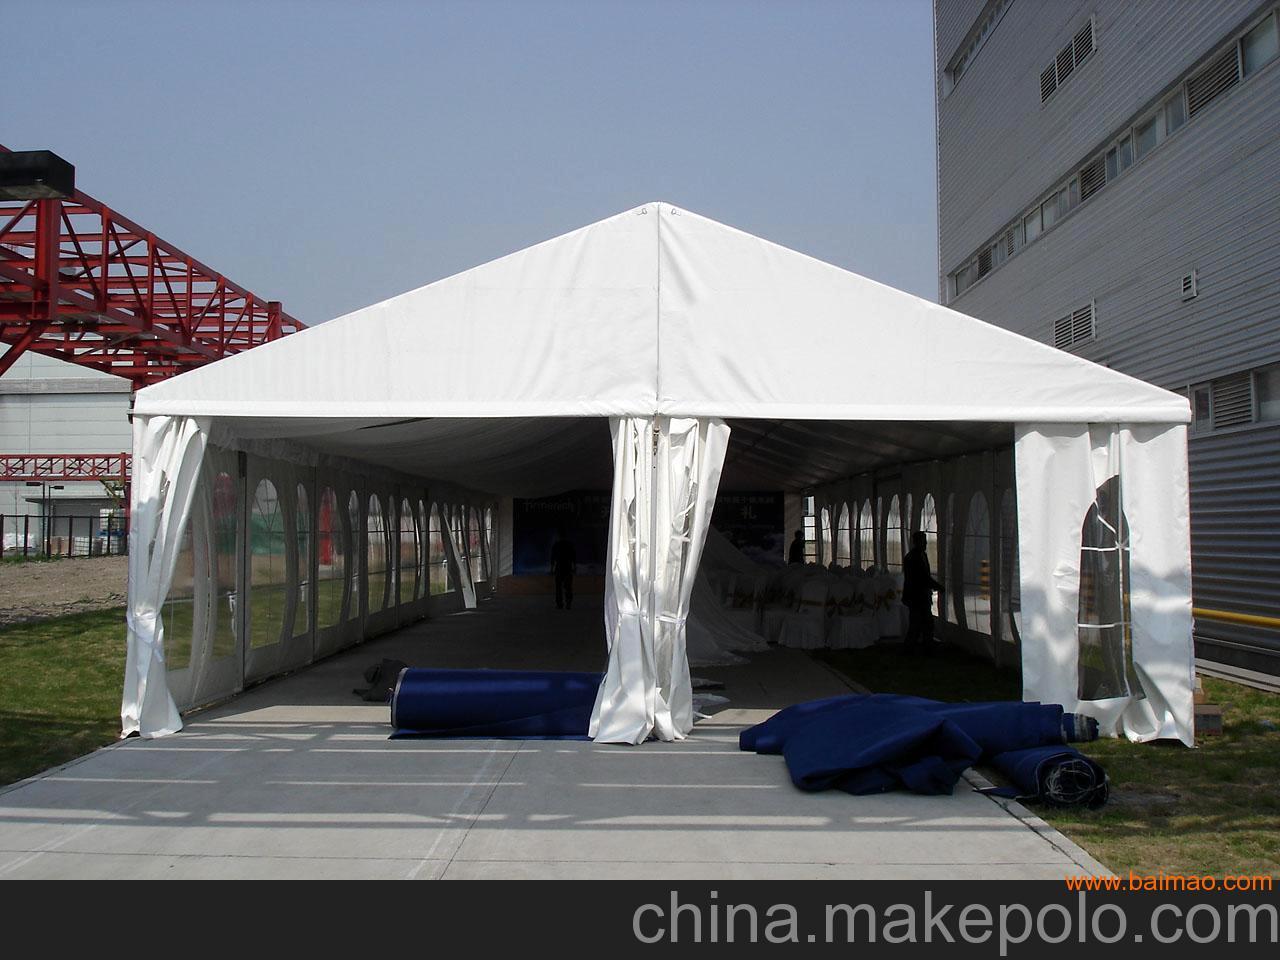 供应活动帐篷欧式篷房展览篷房户外篷房厂家/批发/供应商图片